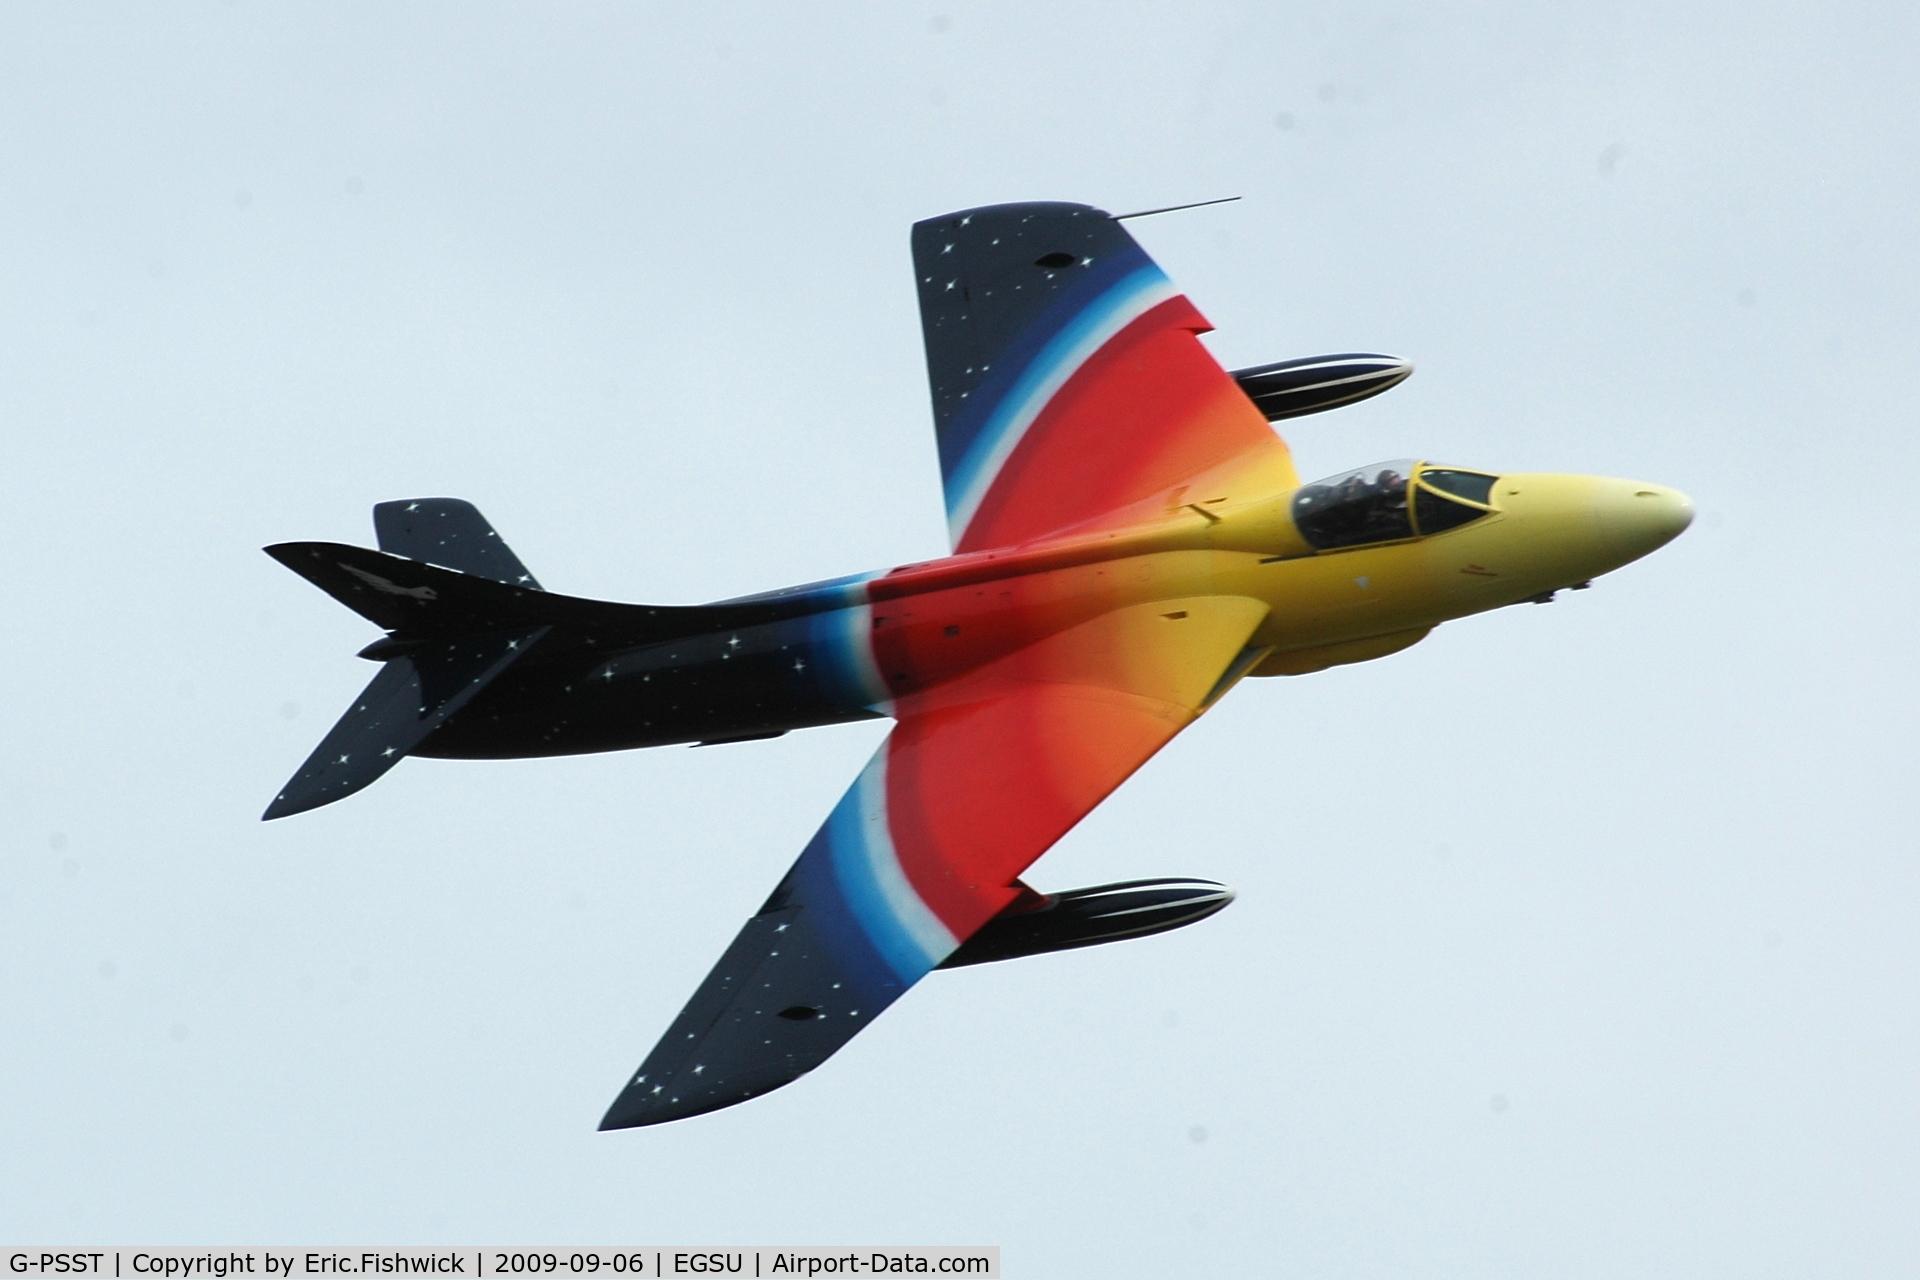 G-PSST, 1959 Hawker Hunter F.58A C/N HABL-003115, 4. Miss Demeanour  at The Duxford Air Show Sep 09